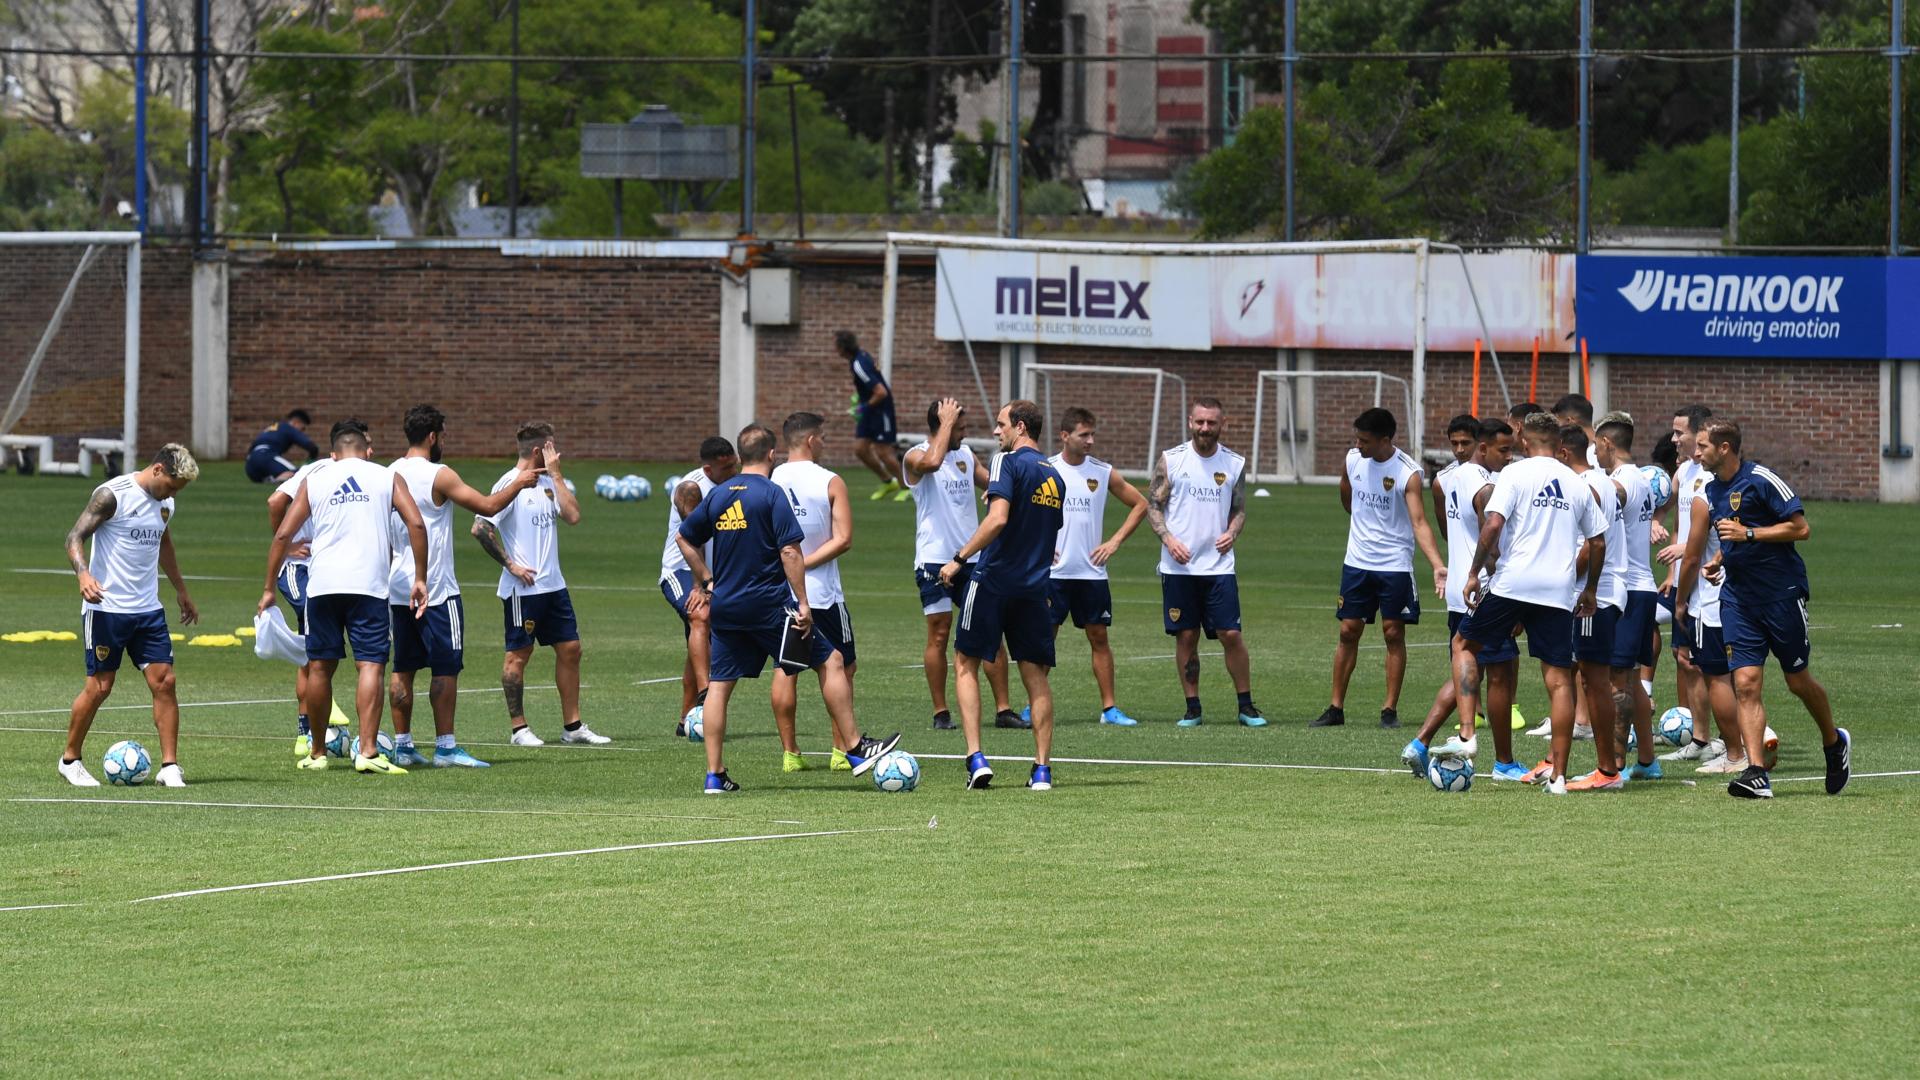 Boca tendrá su primer partido oficial ante Independiente el domingo 26 de este mes por la 17ª fecha de la Superliga